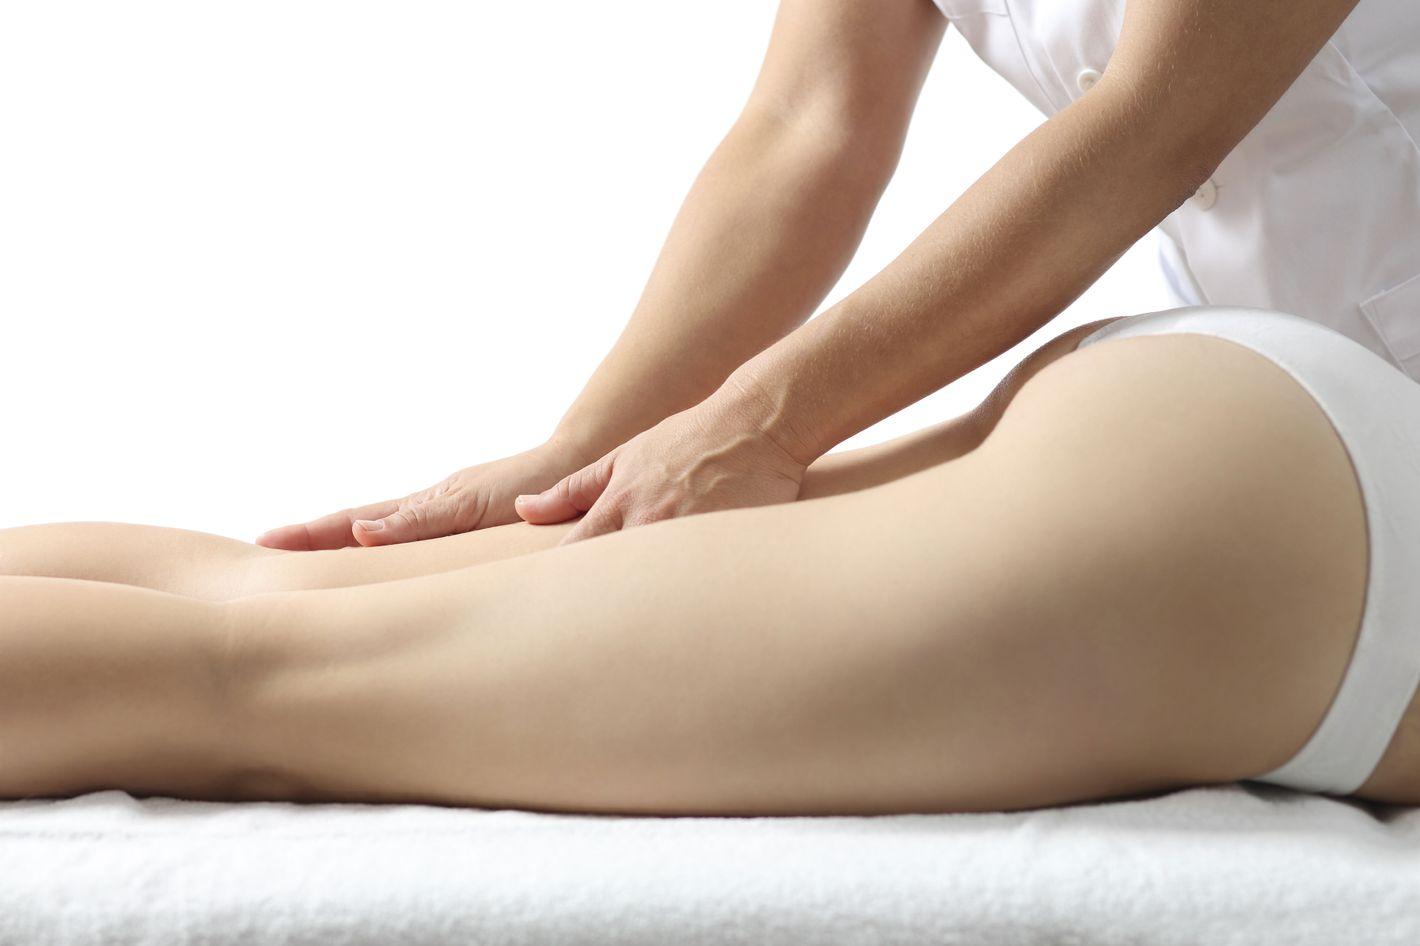 Girl gets ass massage